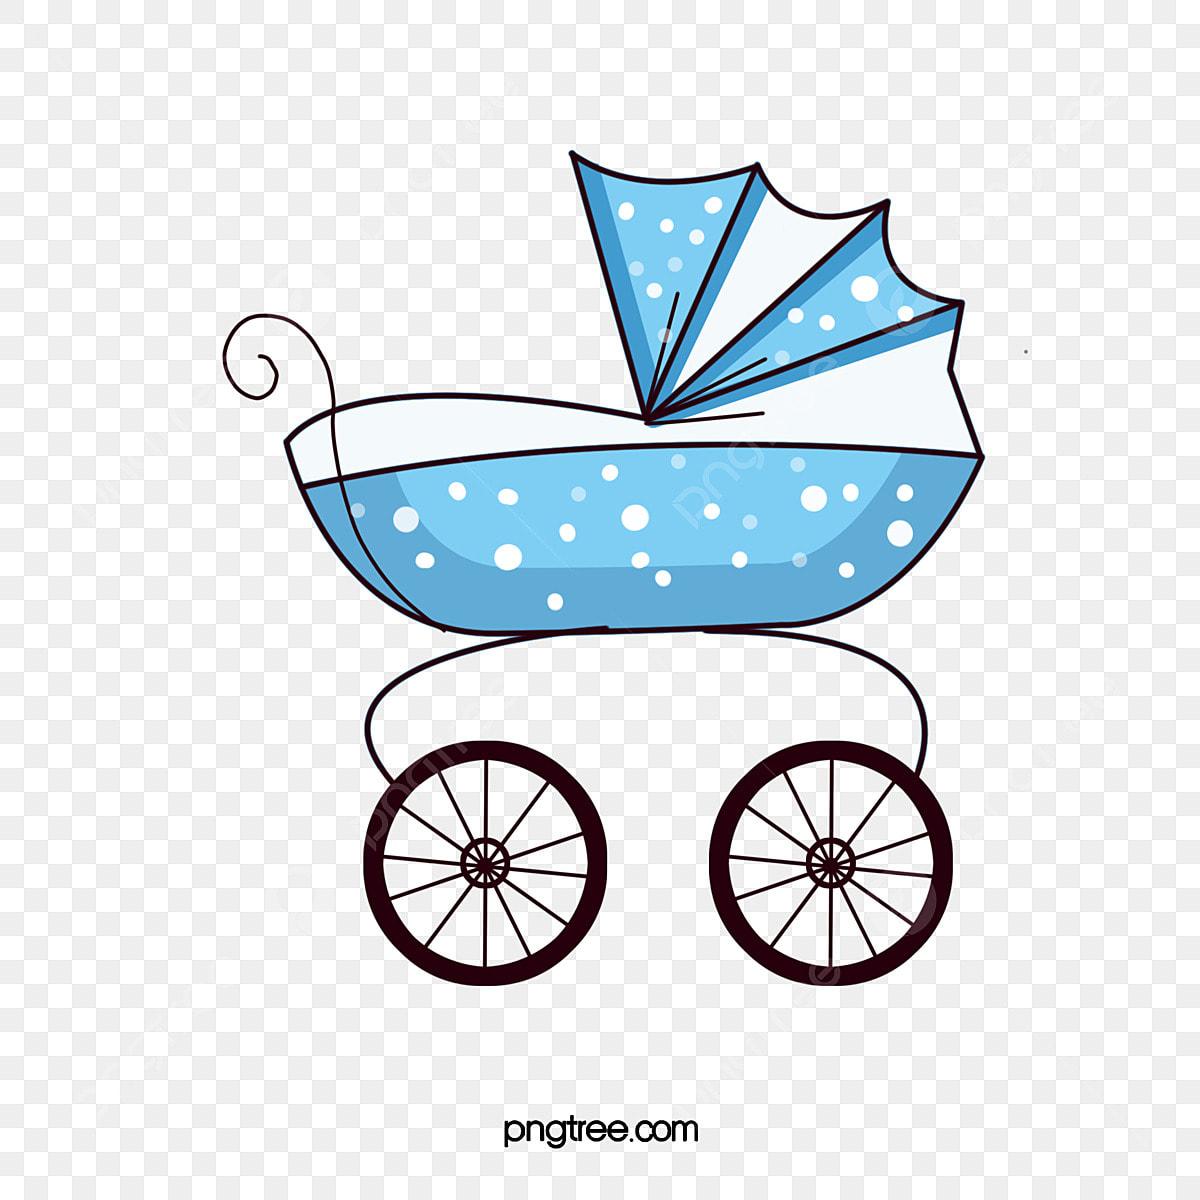 Desenho De Carrinho De Bebe Dos Desenhos Animados Cartoon